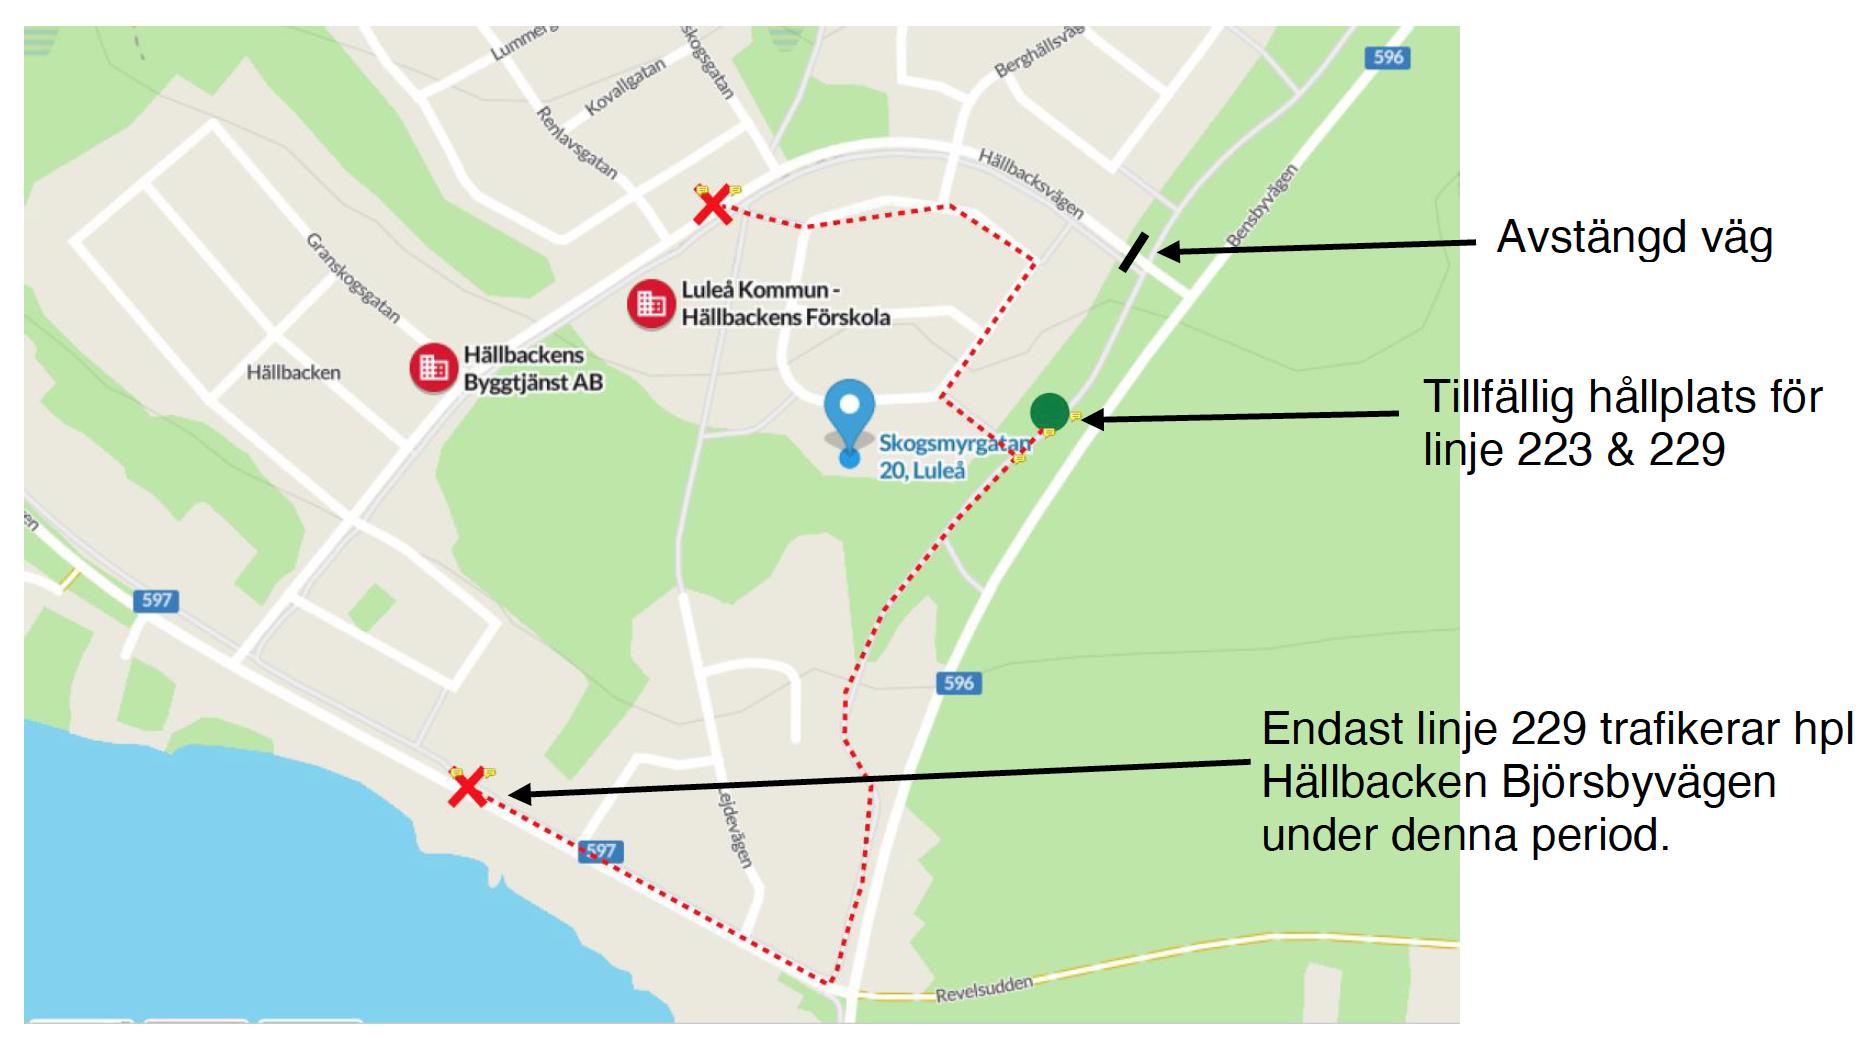 Karta tillfälliga hållplatser